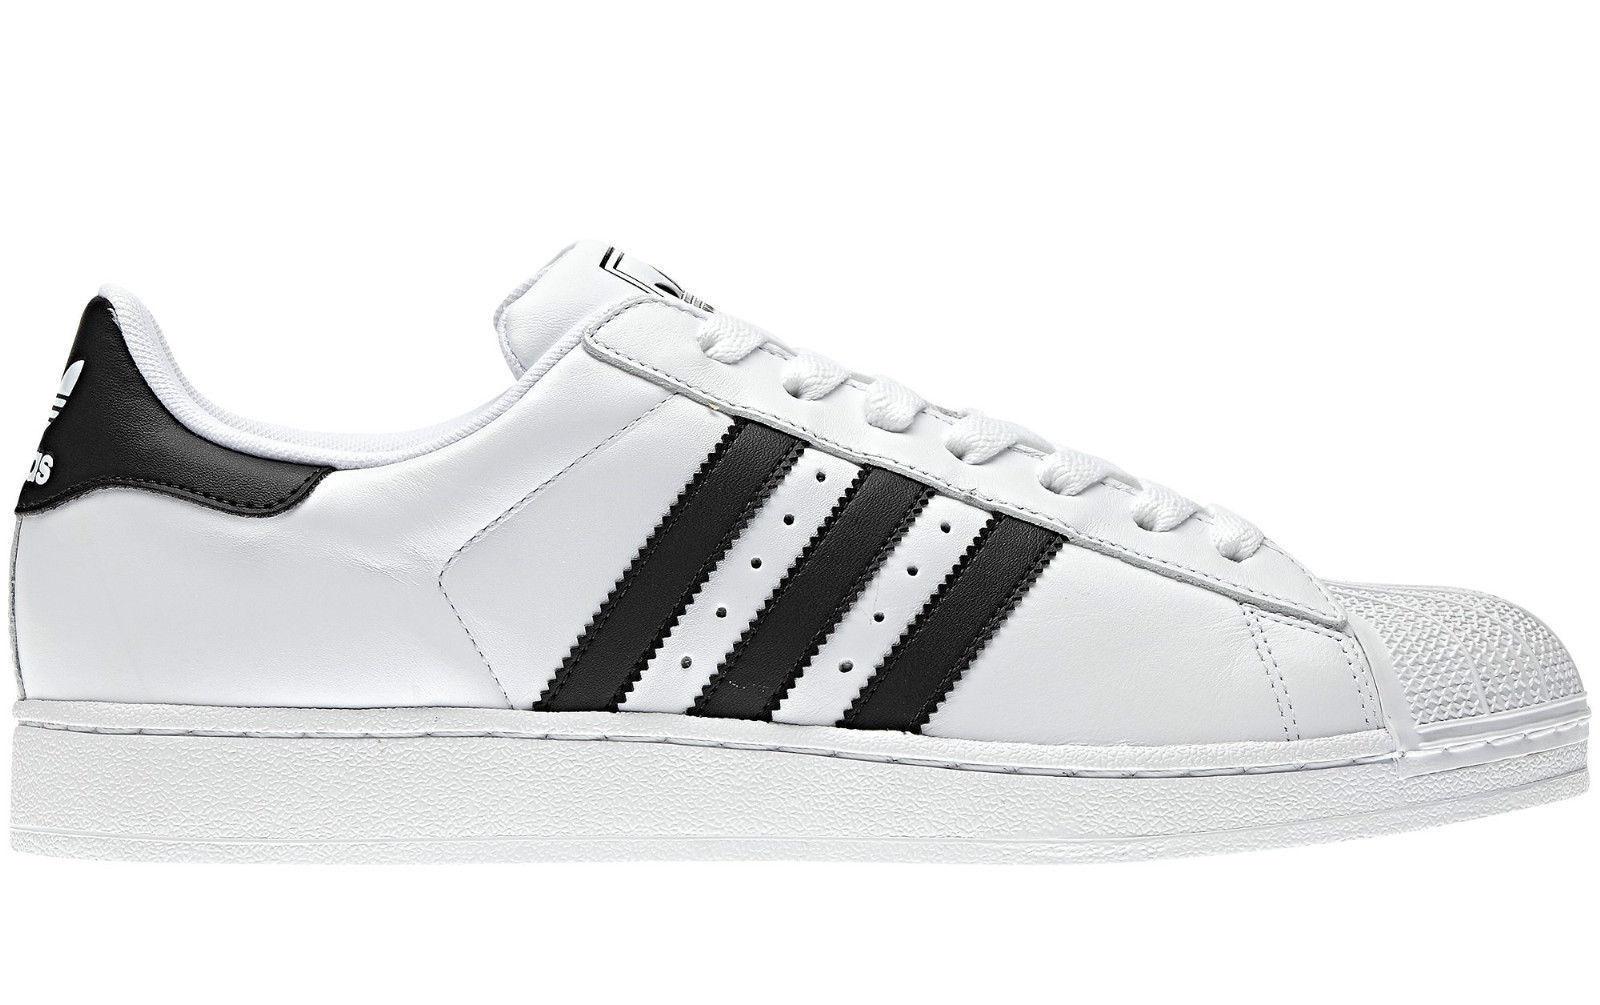 Adidas Para Hombre Hombre Hombre Superstar 2 Zapatillas Uk Tamaños 7 - 12UK Nuevo nuevo y en caja Cuero blancooo Negro 01d6b2